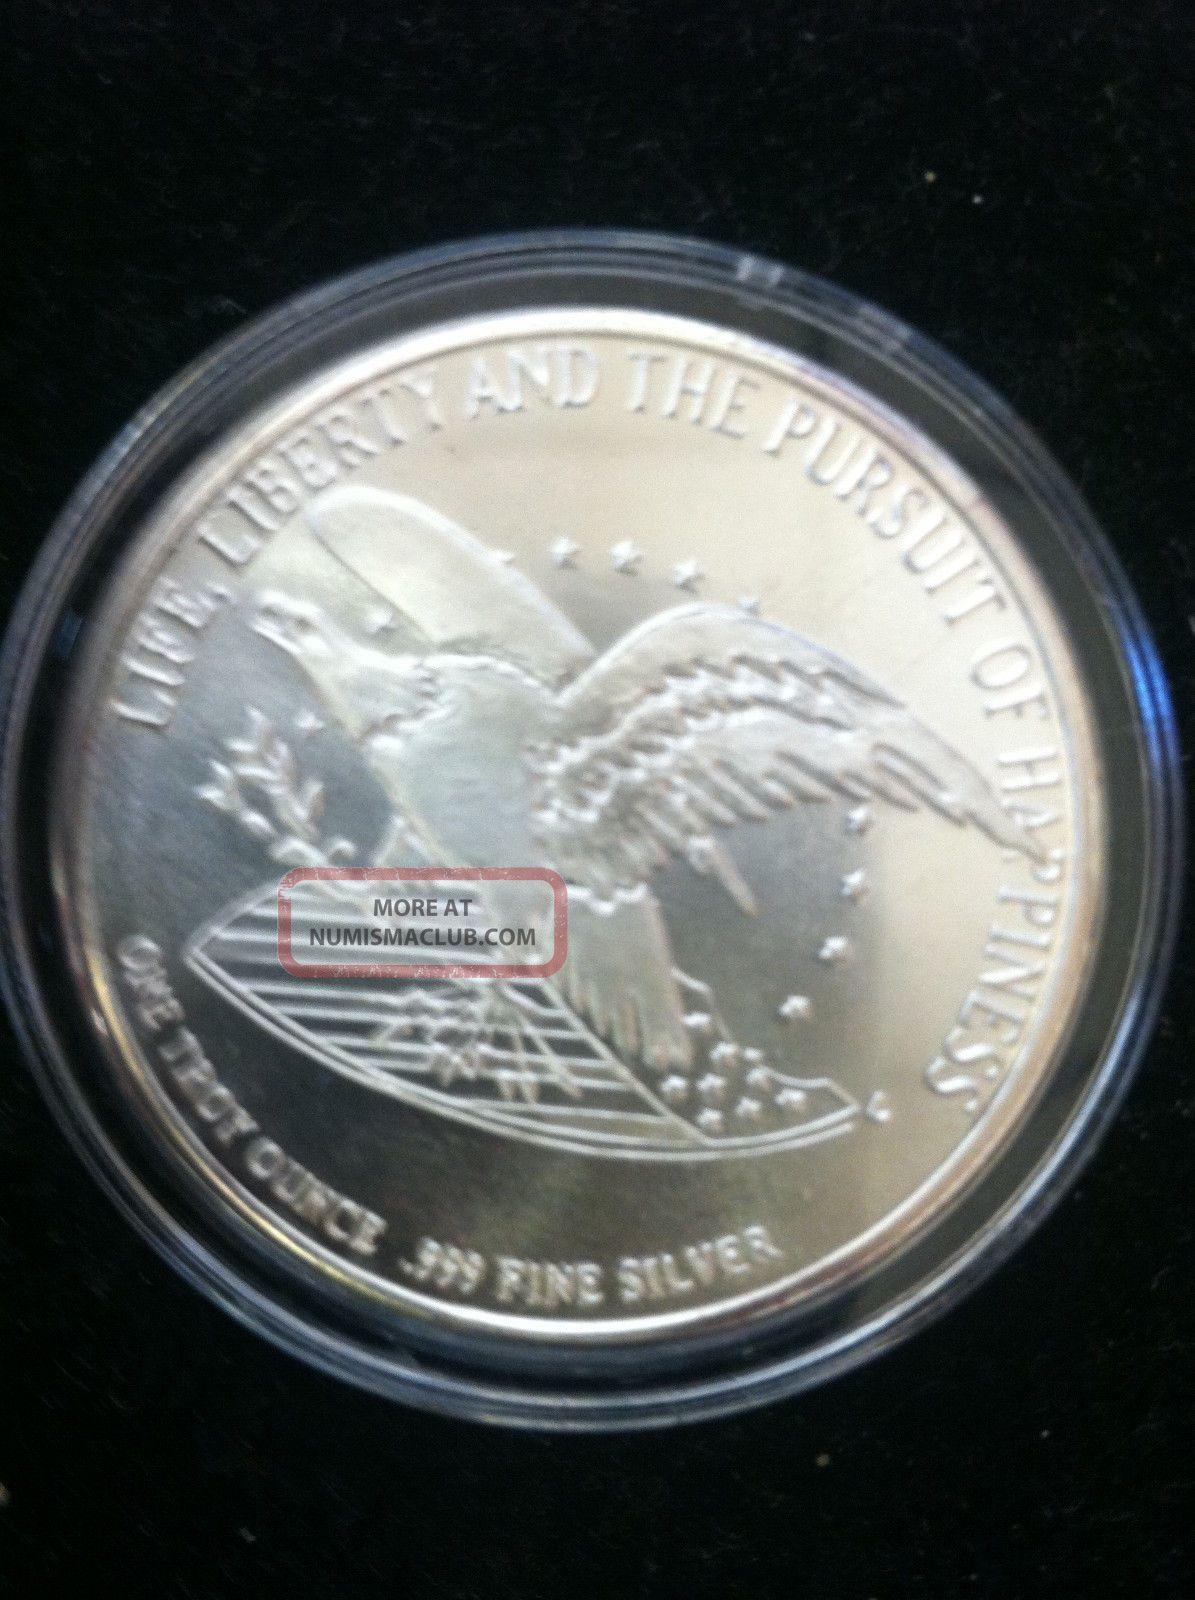 1791 1991 Bill Of Rights Commemorative Silver Coin 1